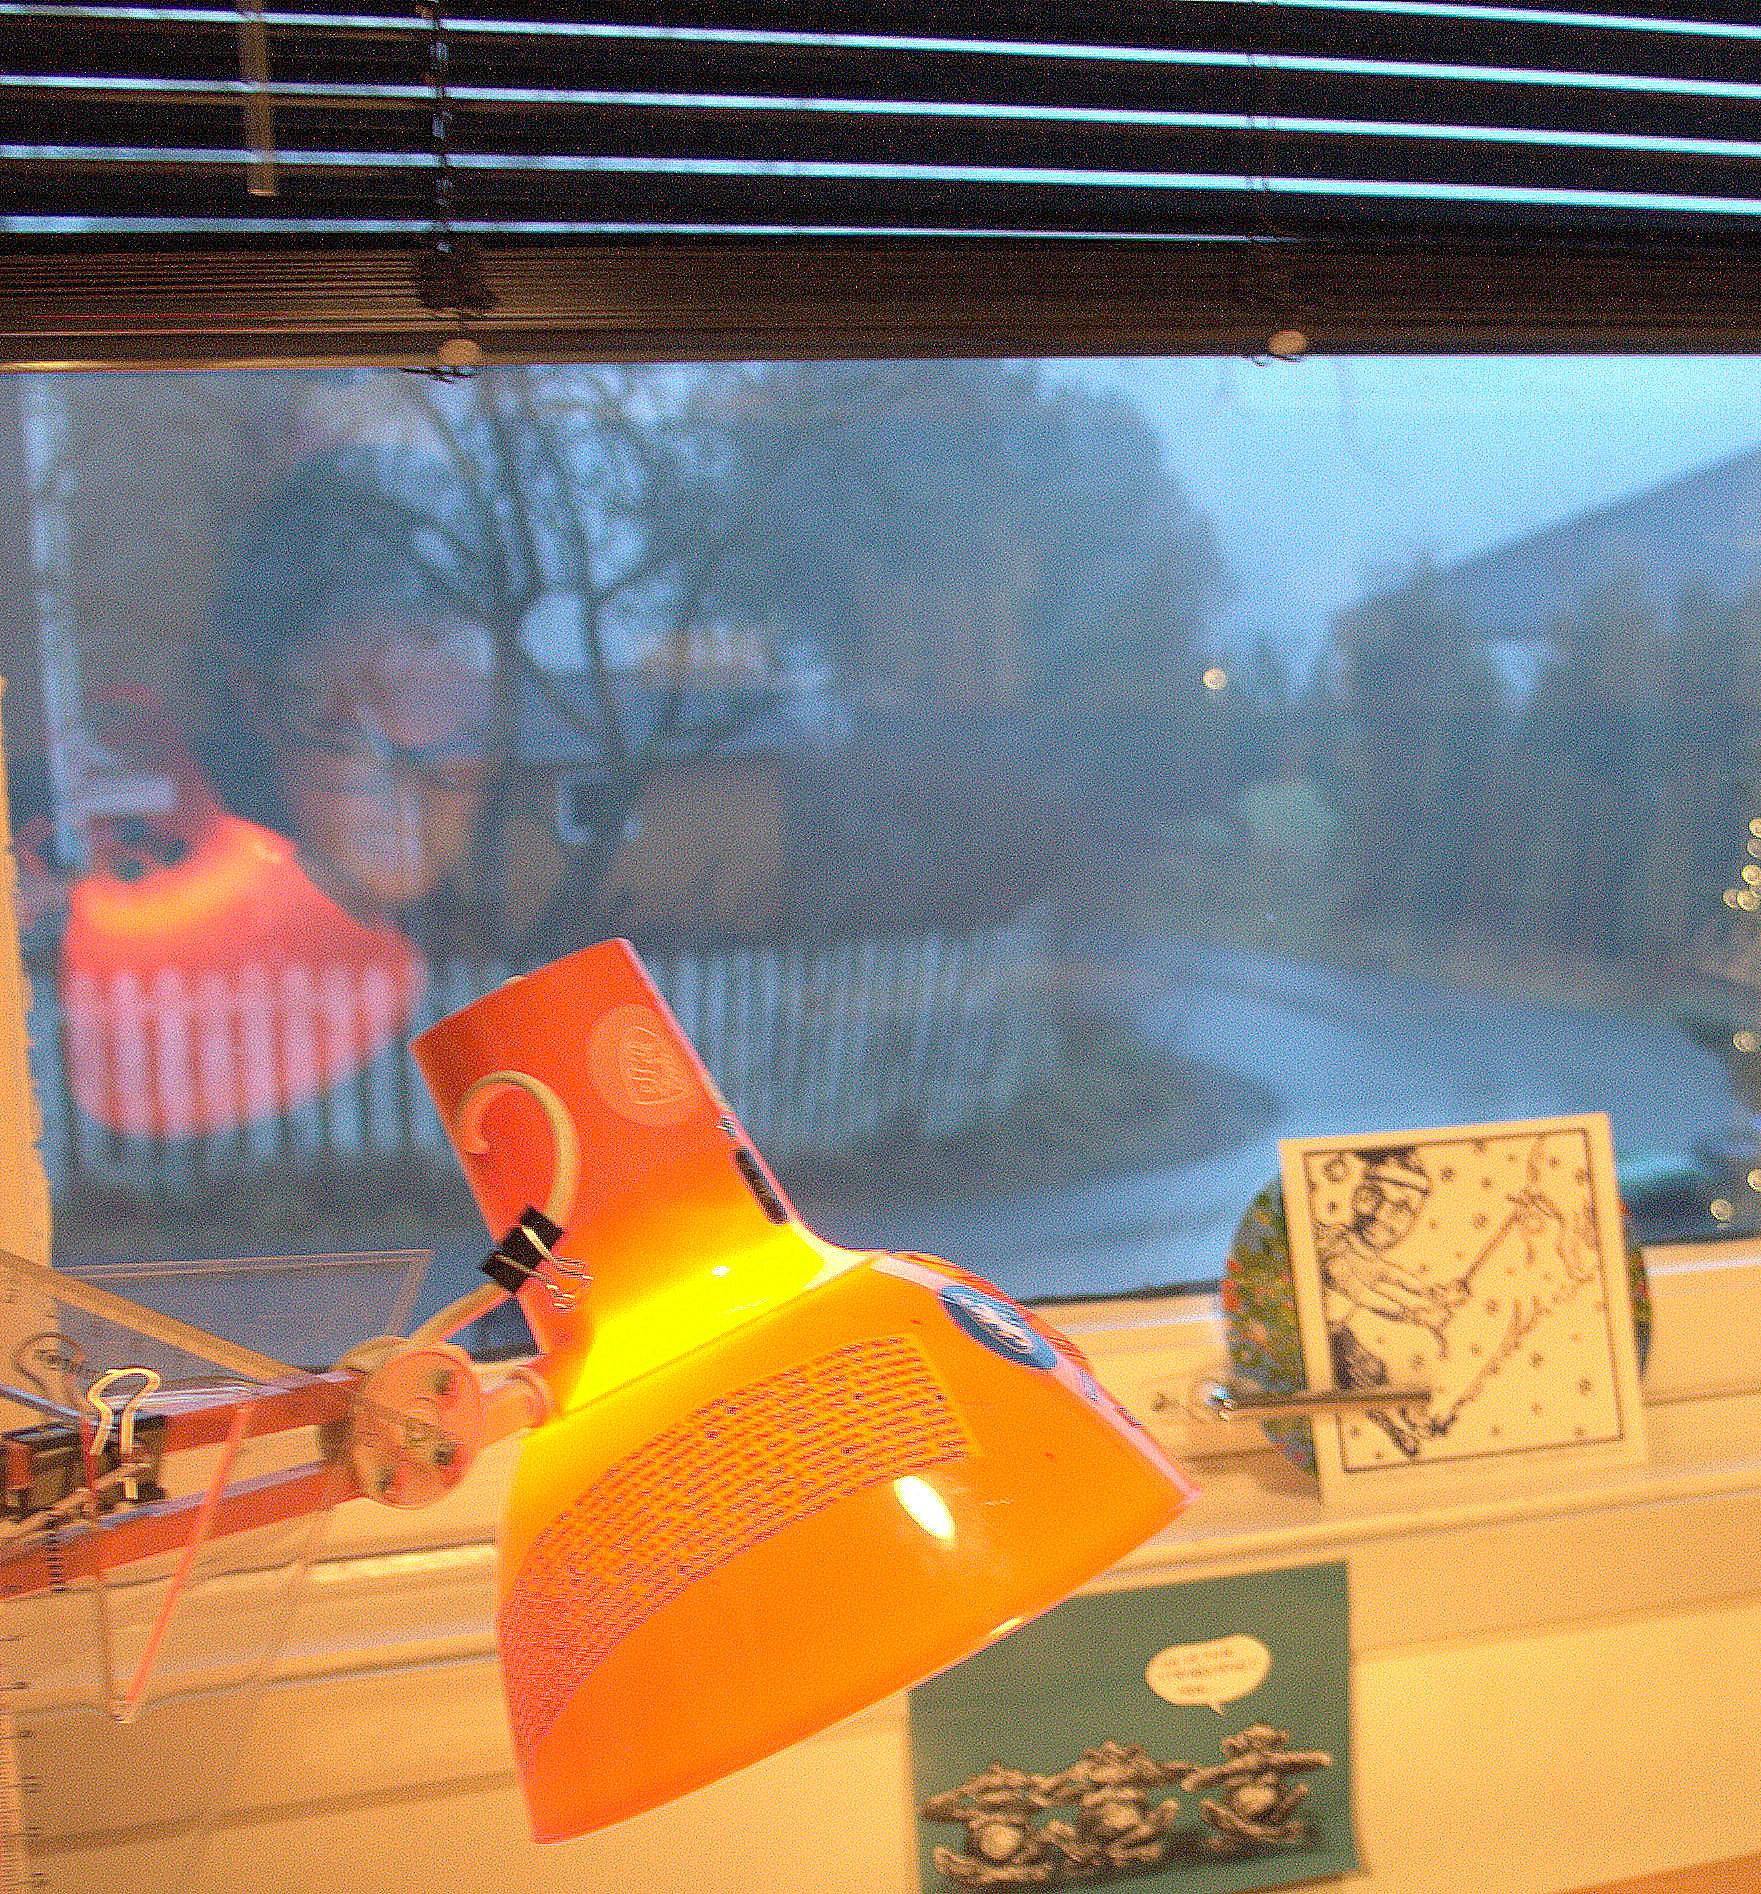 Refleksjon i ett vindu, utenfor har det regnet, Skumring